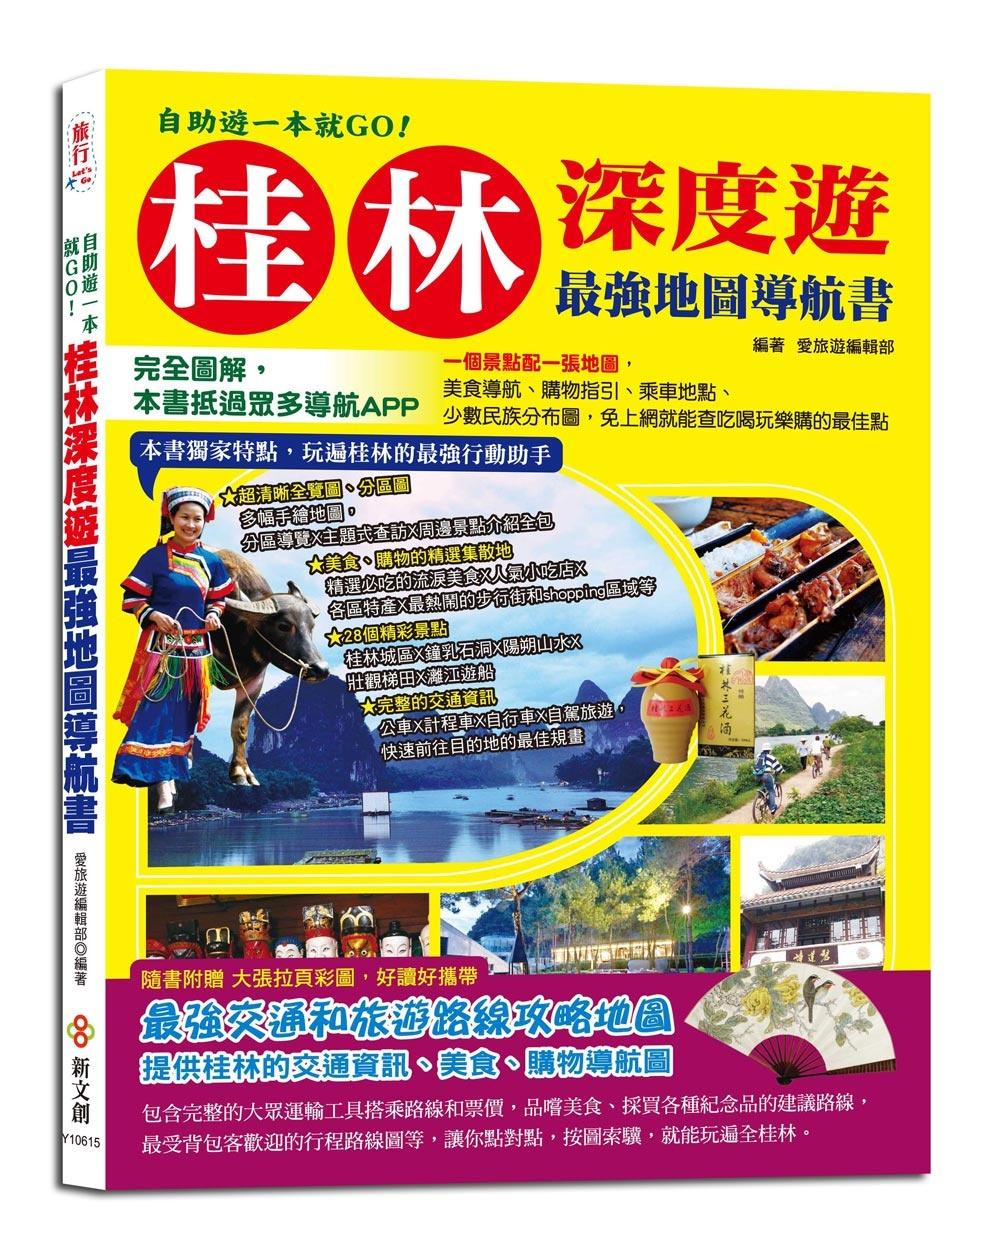 自助遊一本就GO!桂林深度遊最強地圖導航書:完全圖解,本書抵過眾多導航APP,一個景點配一張地圖,免上網就能查吃喝玩樂購的最佳點